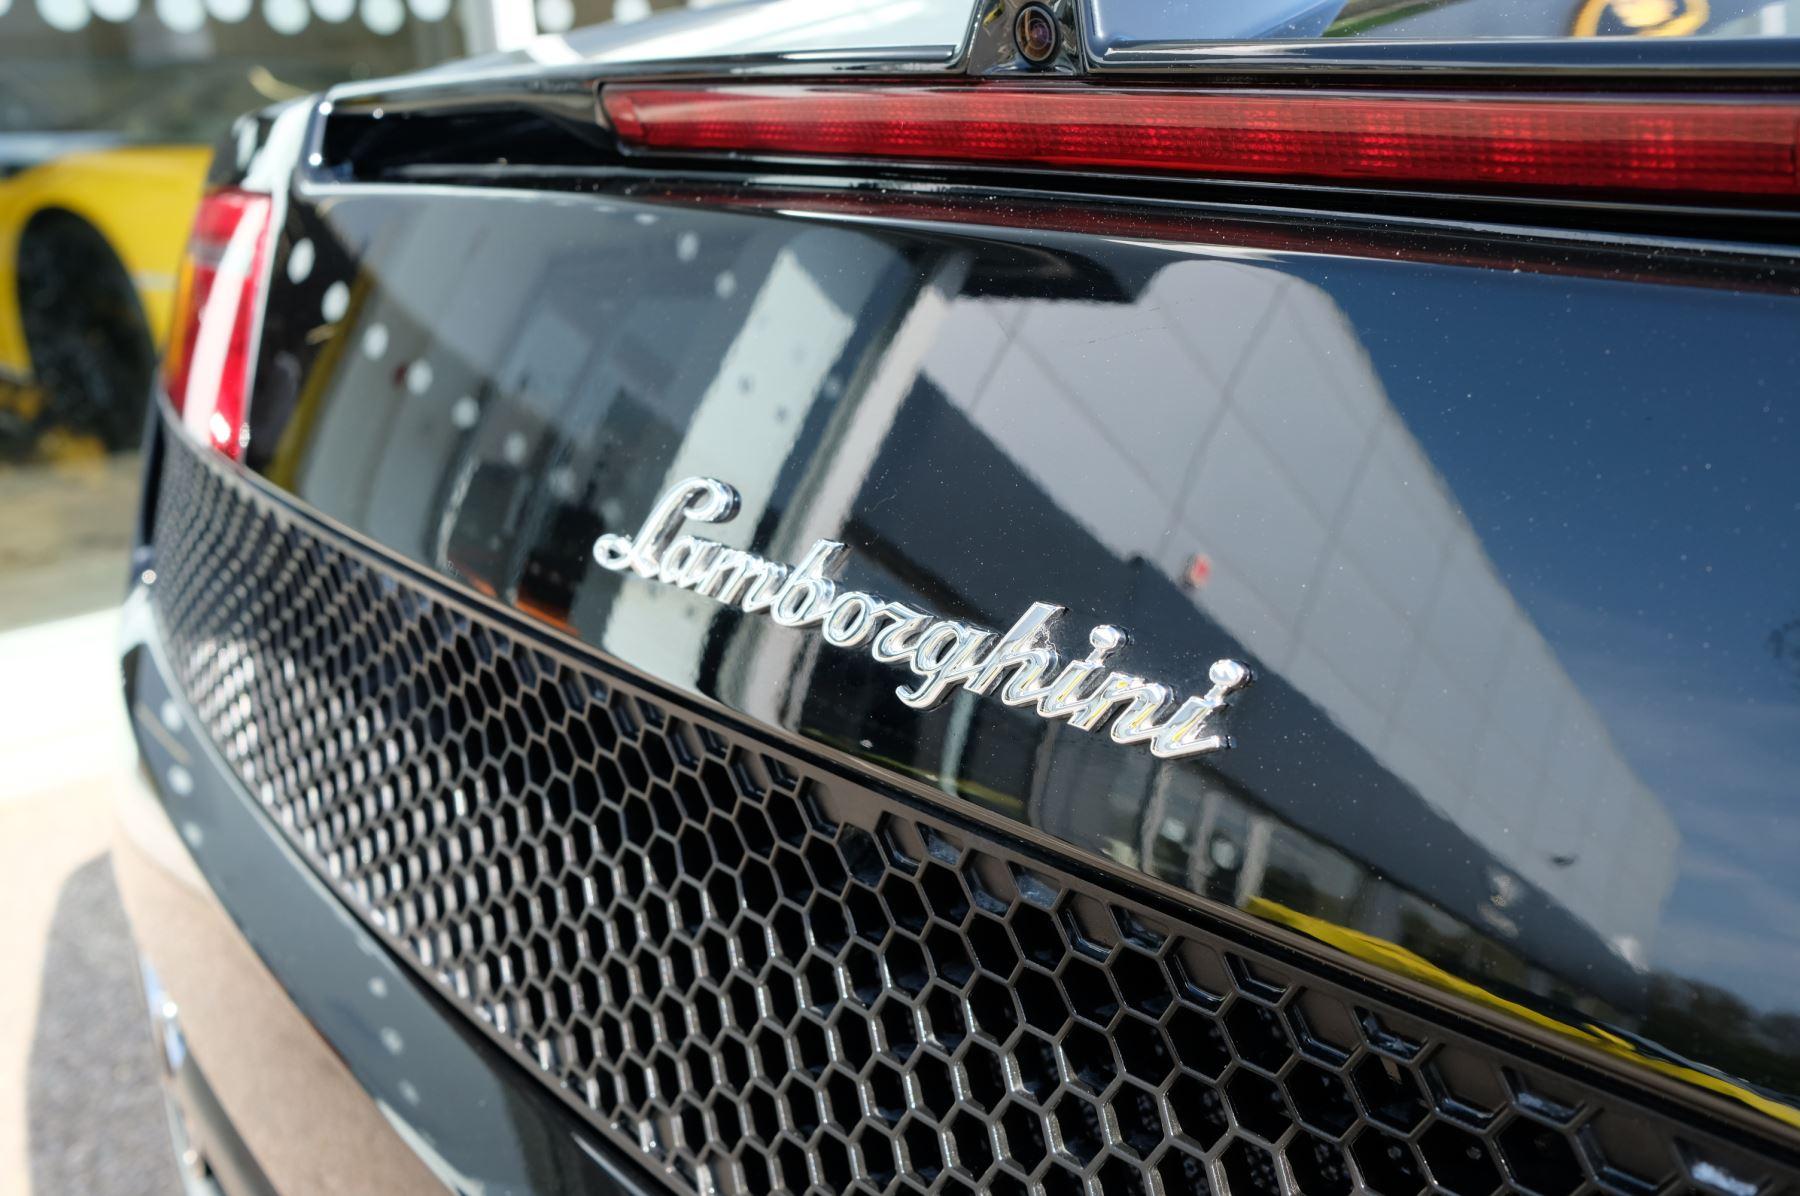 Lamborghini Gallardo LP 560-4 Spyder image 10